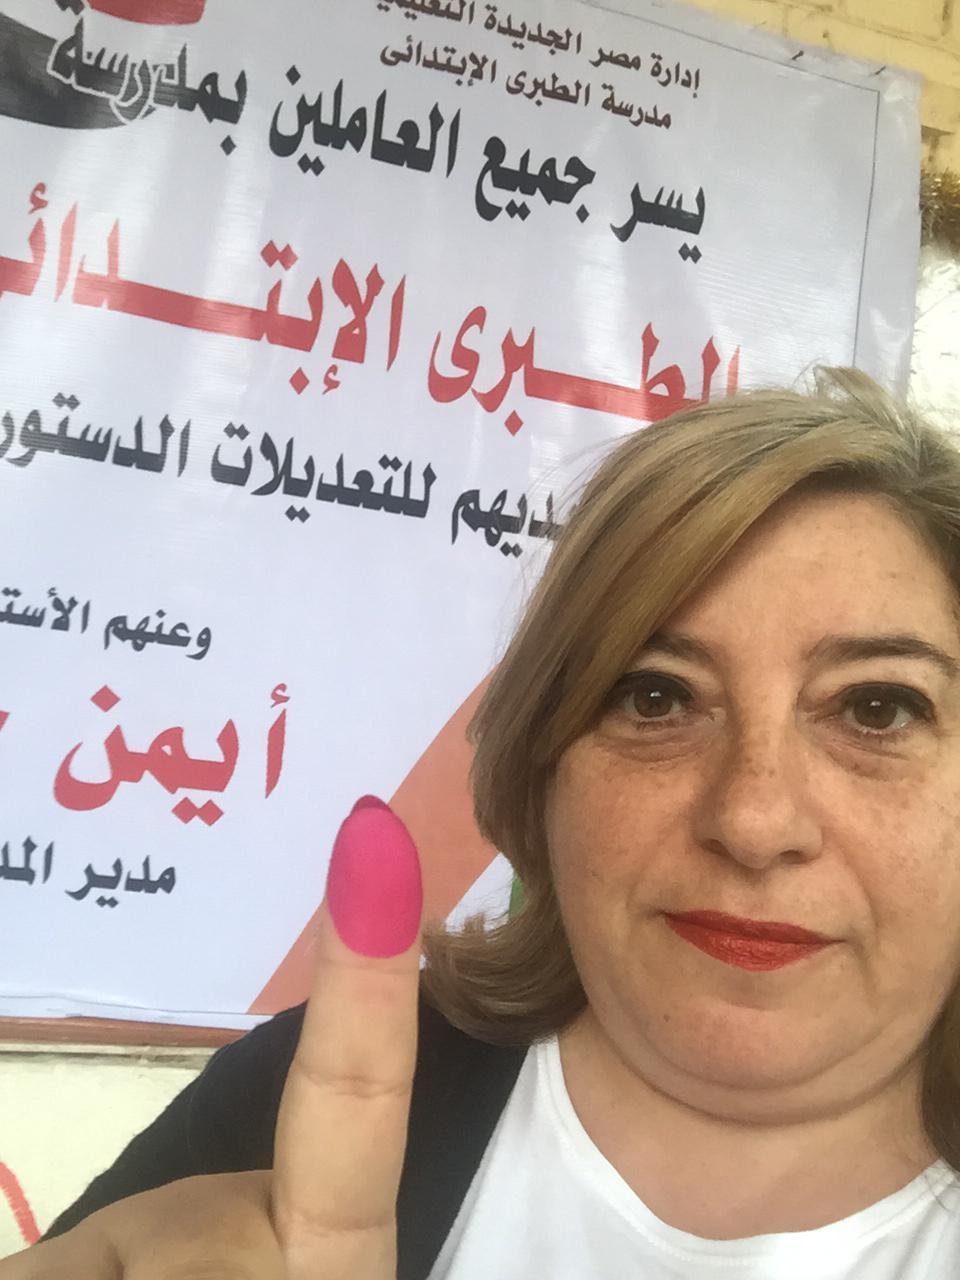 المصريون الأرمن يشاركون فى الاستفتاء على التعديلات الدستورية (2)